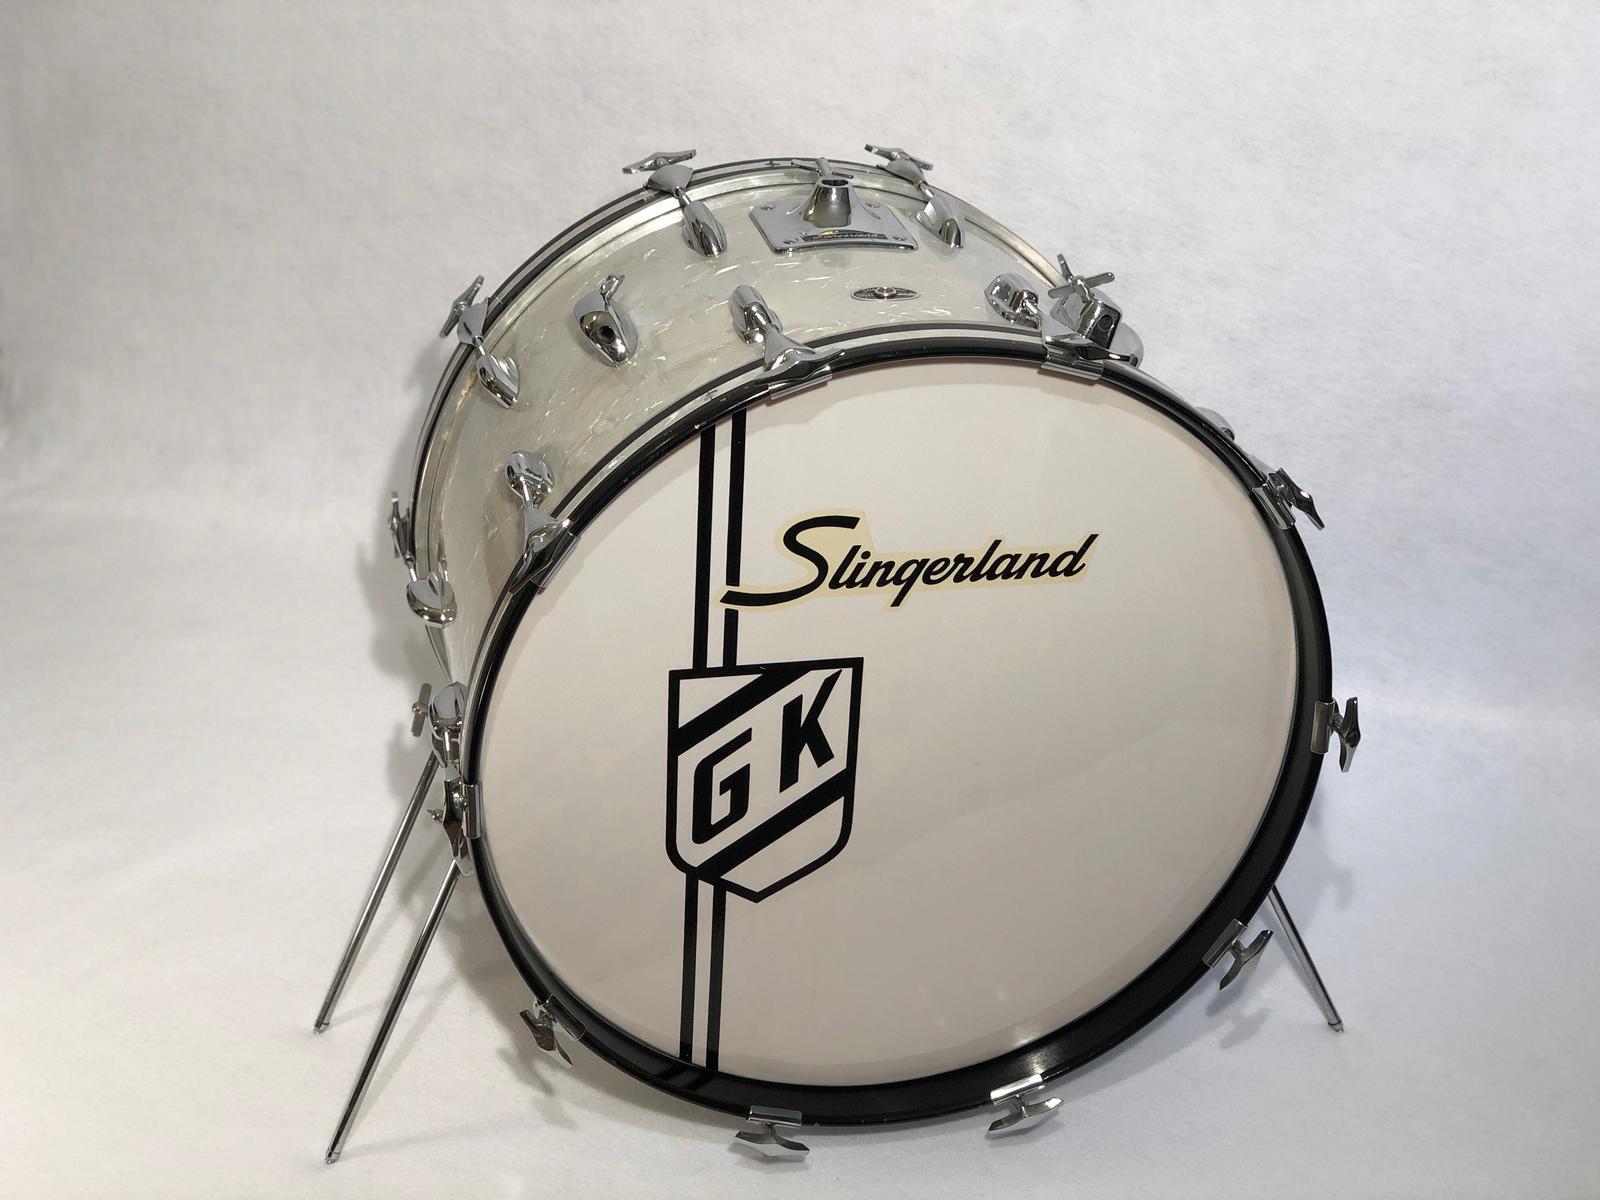 Gene Krupa's drums, Gene Krupa drum collection, Gene Krupa's last bass drum, jazz collectible